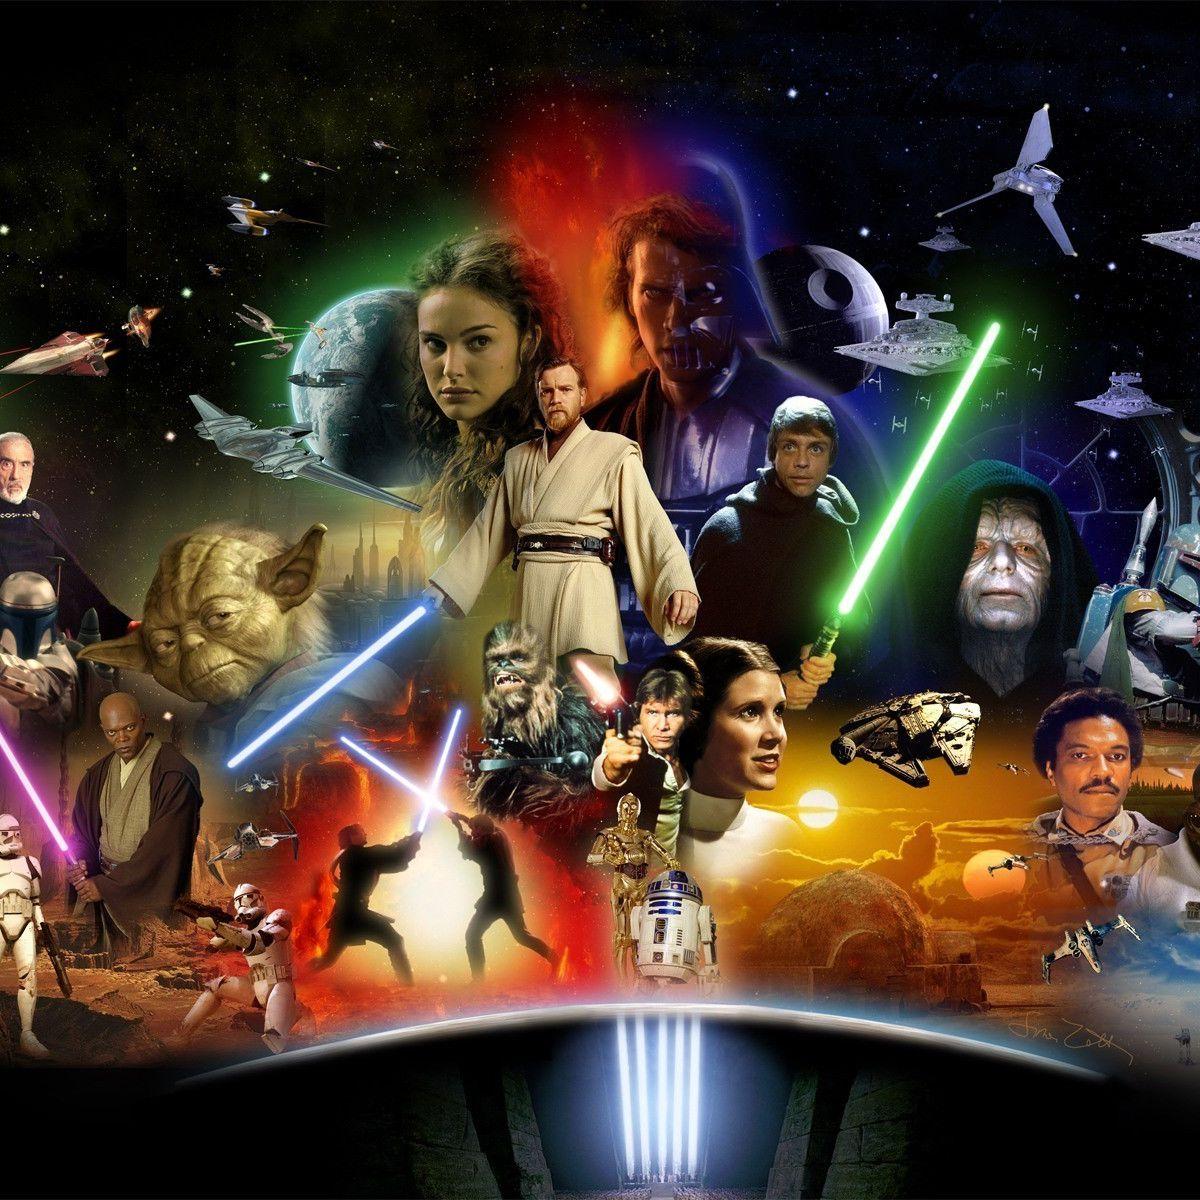 star-wars-wallpaper-original-199460.jpg